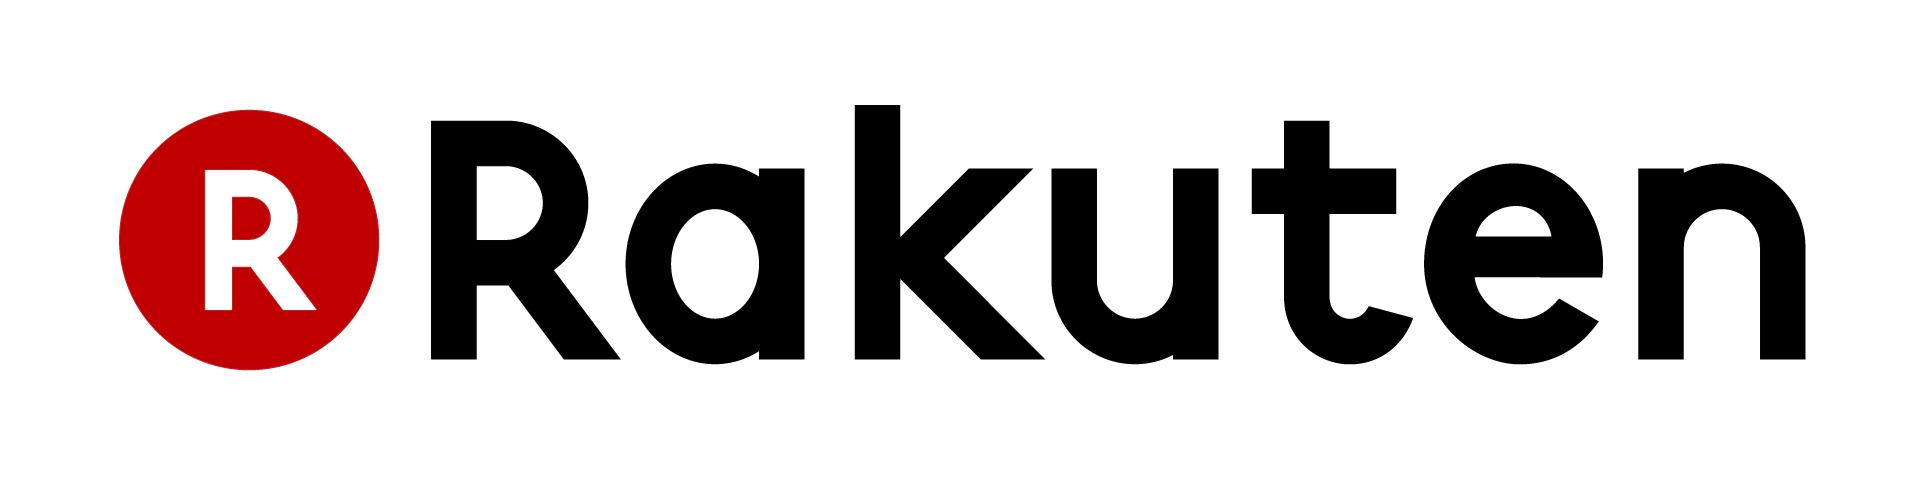 Rakuten logo global